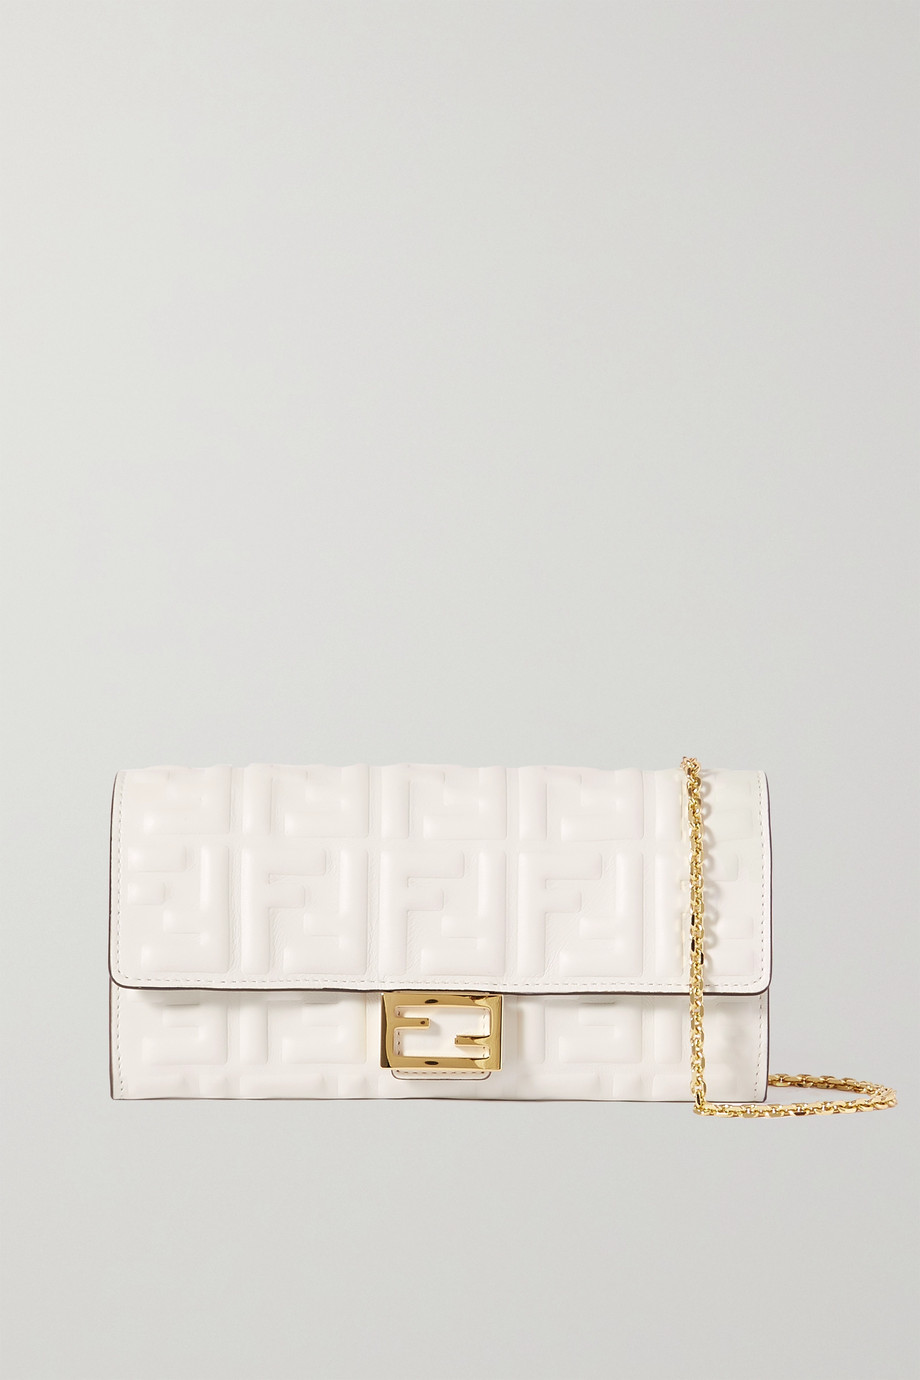 Fendi Baguette embossed leather shoulder bag